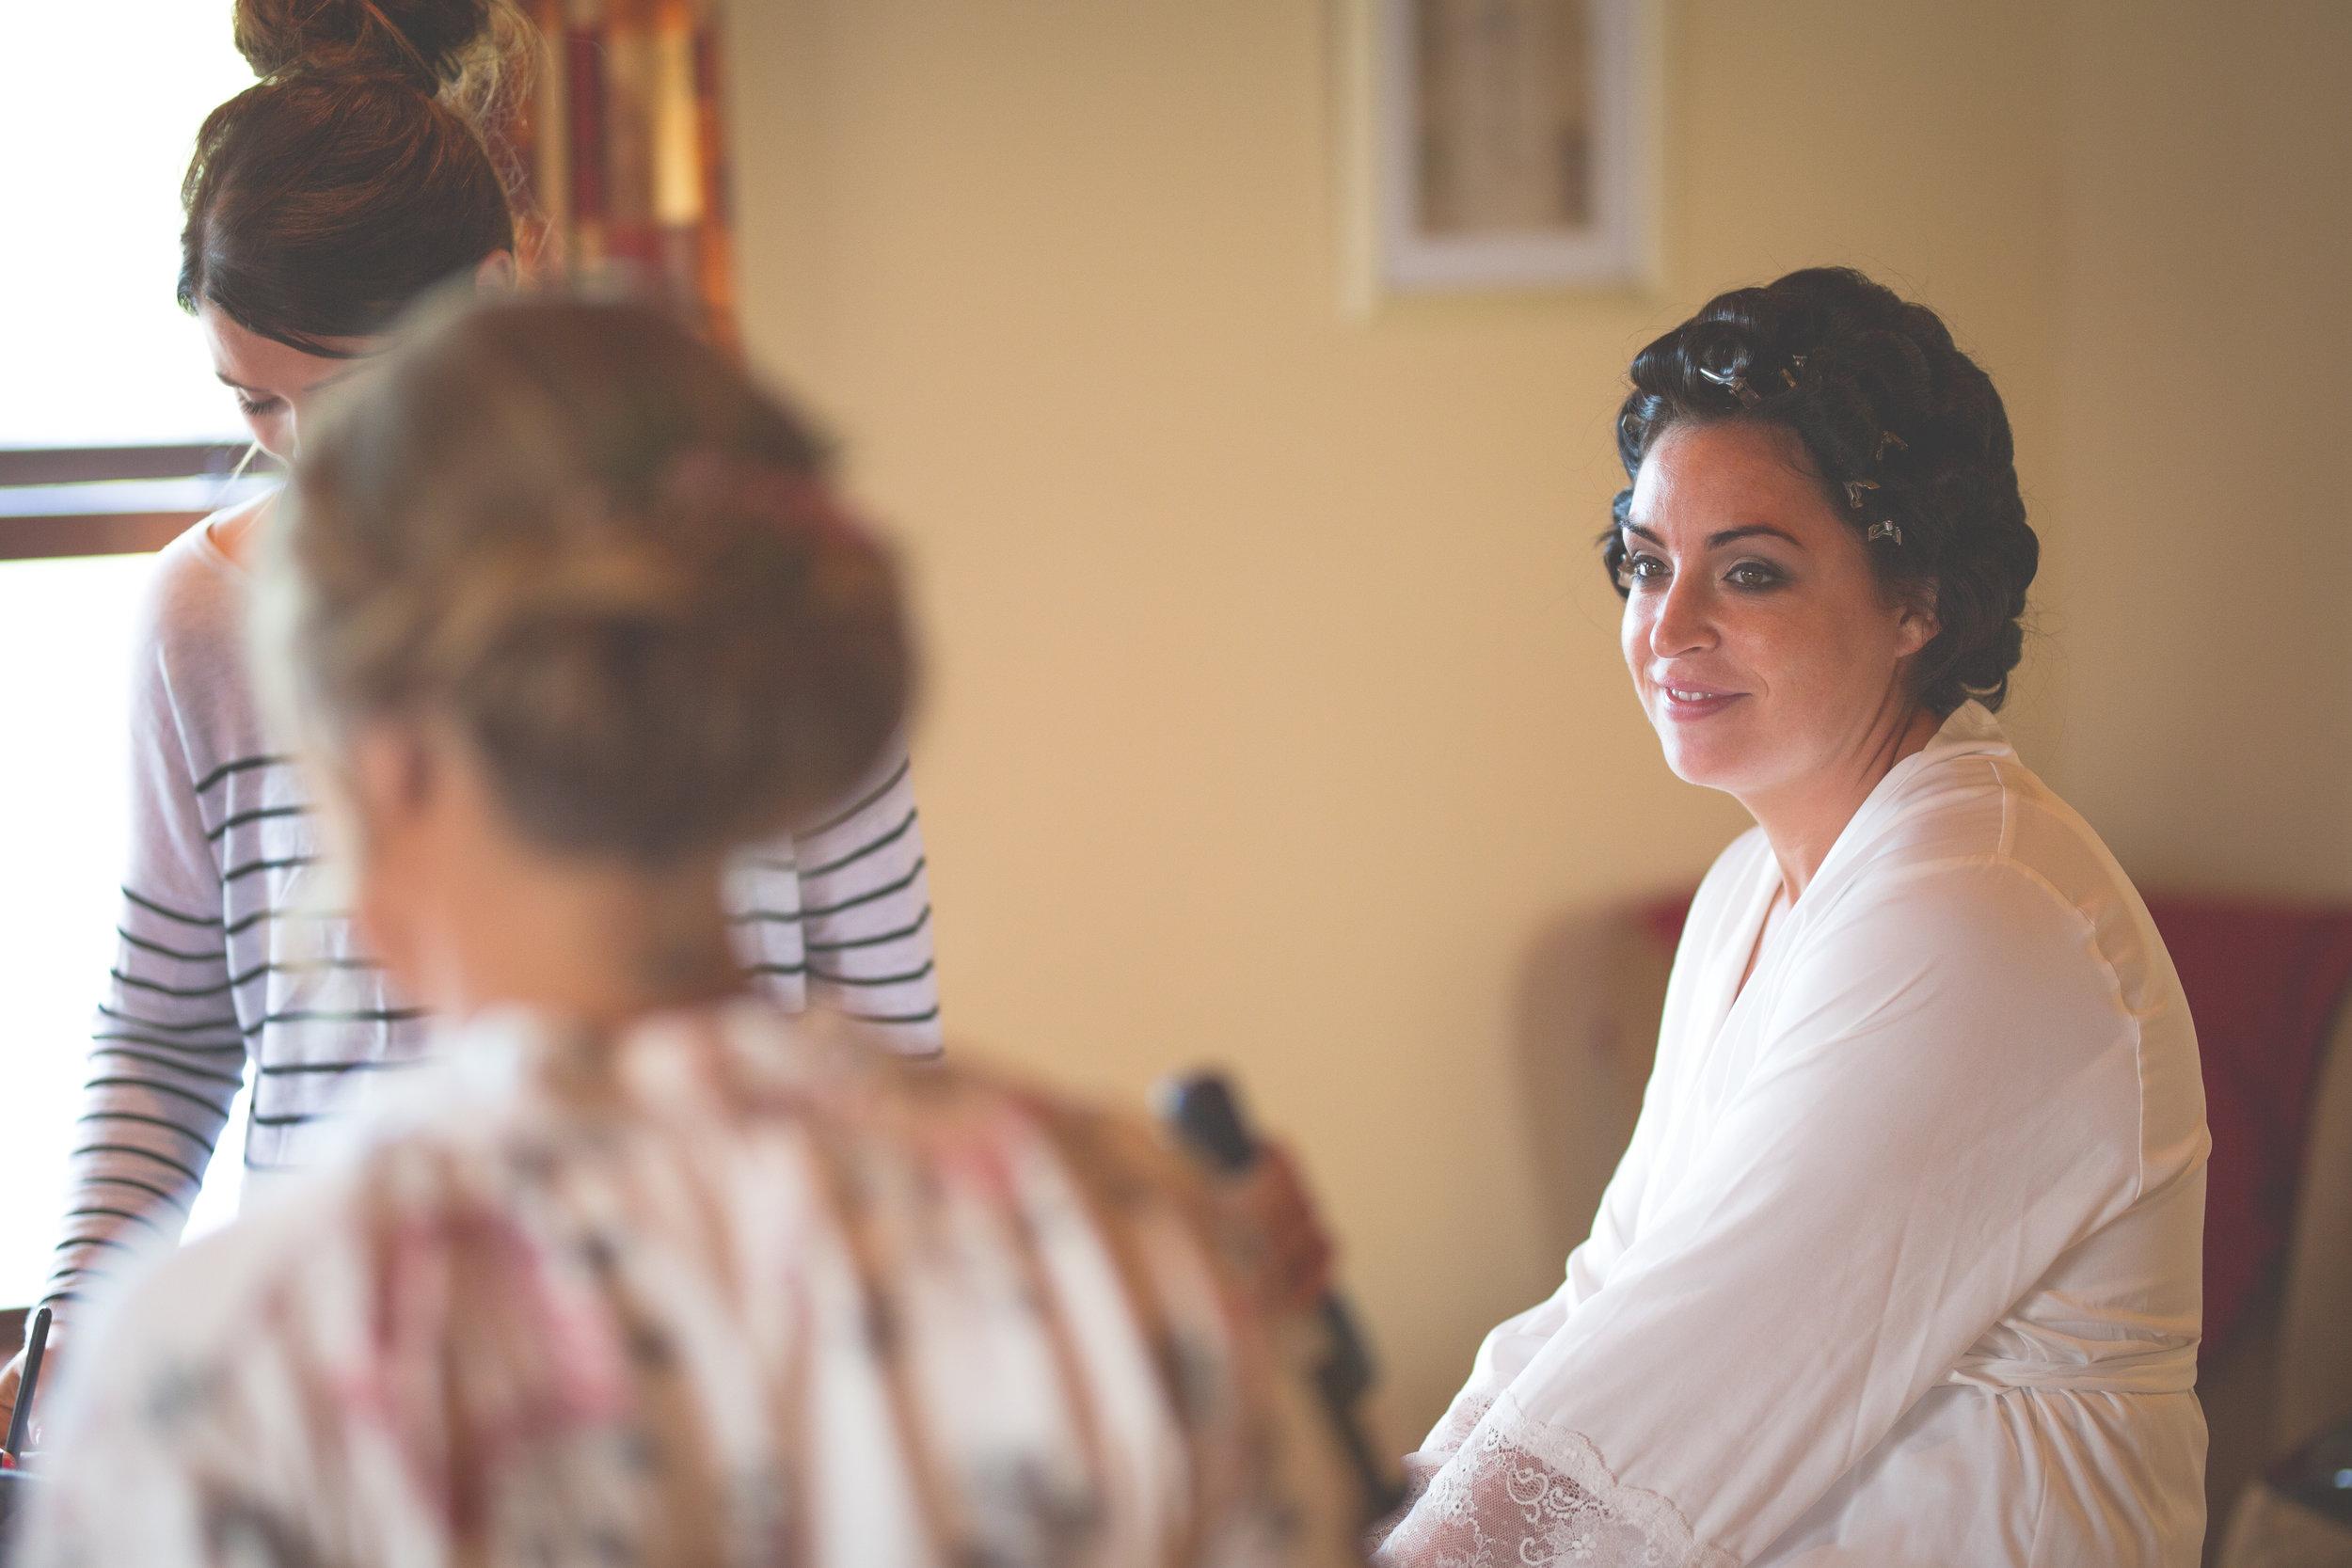 Brian McEwan Wedding Photography | Carol-Anne & Sean | Bridal Preparations-90.jpg